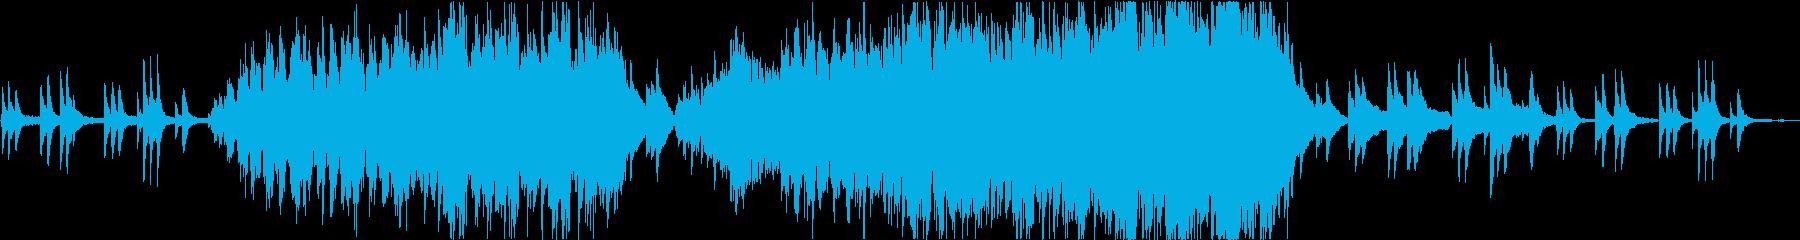 しっとり幻想的なエレキ・アコギメロディの再生済みの波形